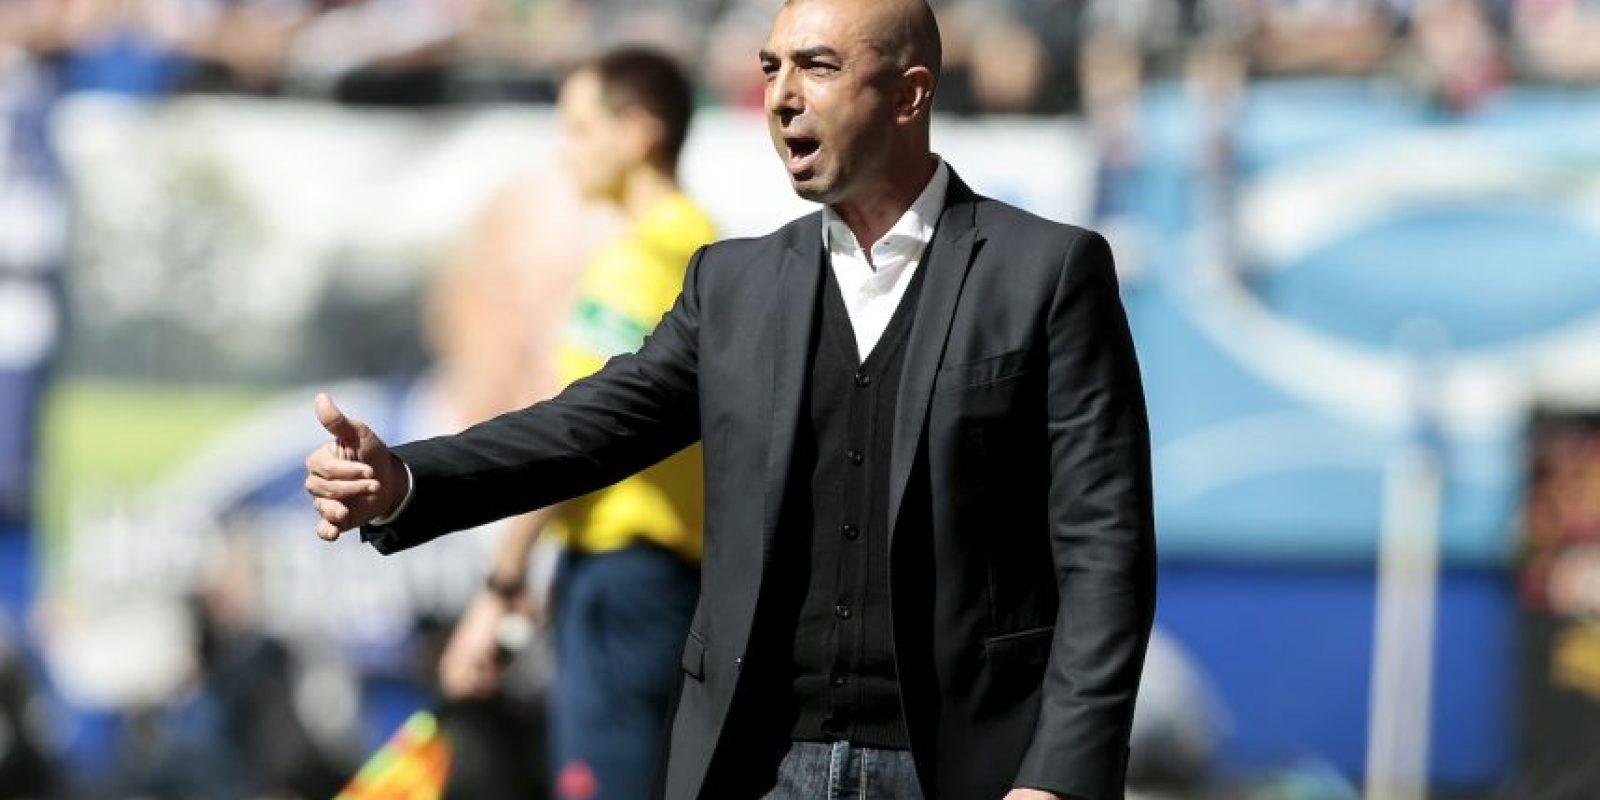 El DT de 45 años levantó la Champions League con el Chelsea, en 2012 Foto:Gettu Images